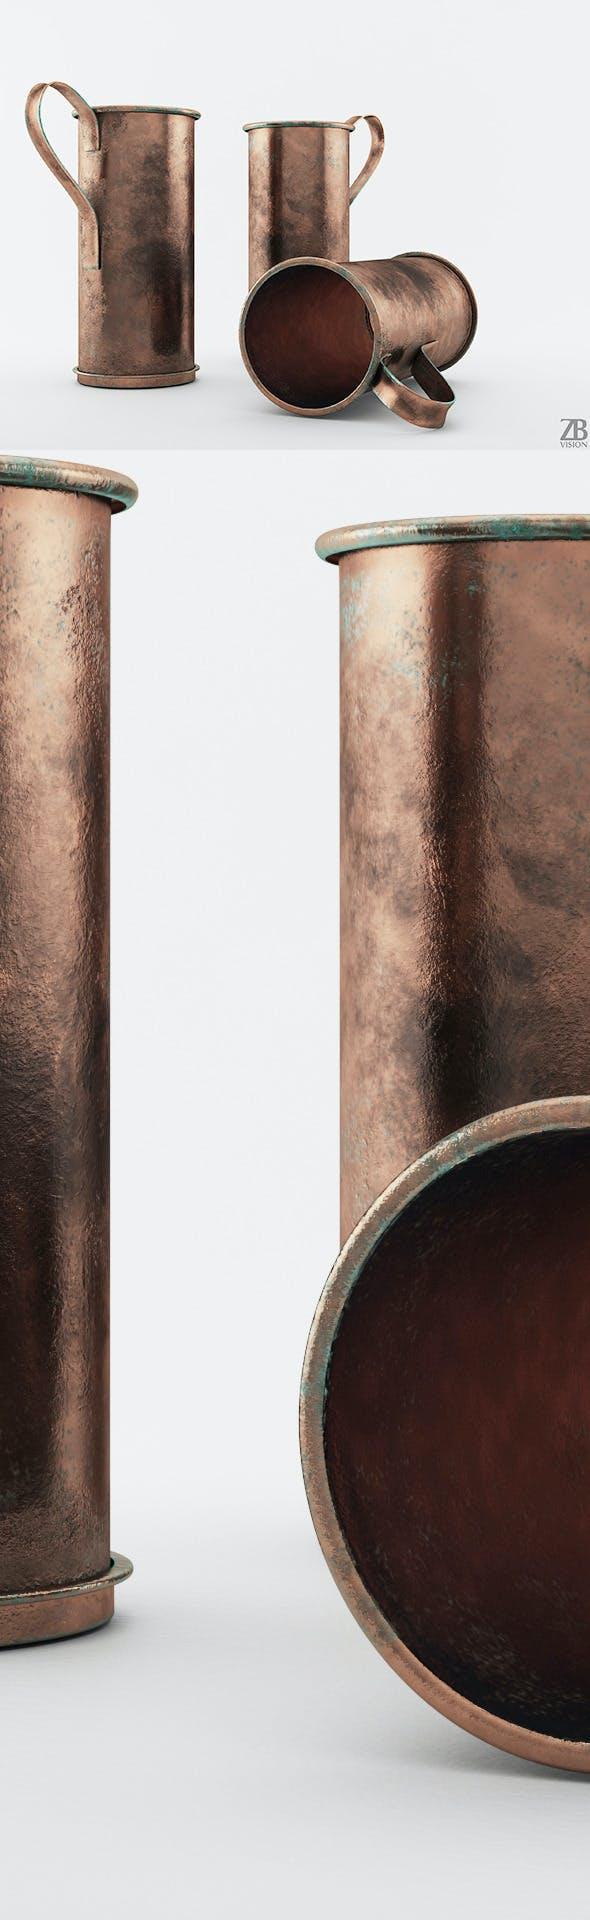 Old Copper Pot - 3DOcean Item for Sale